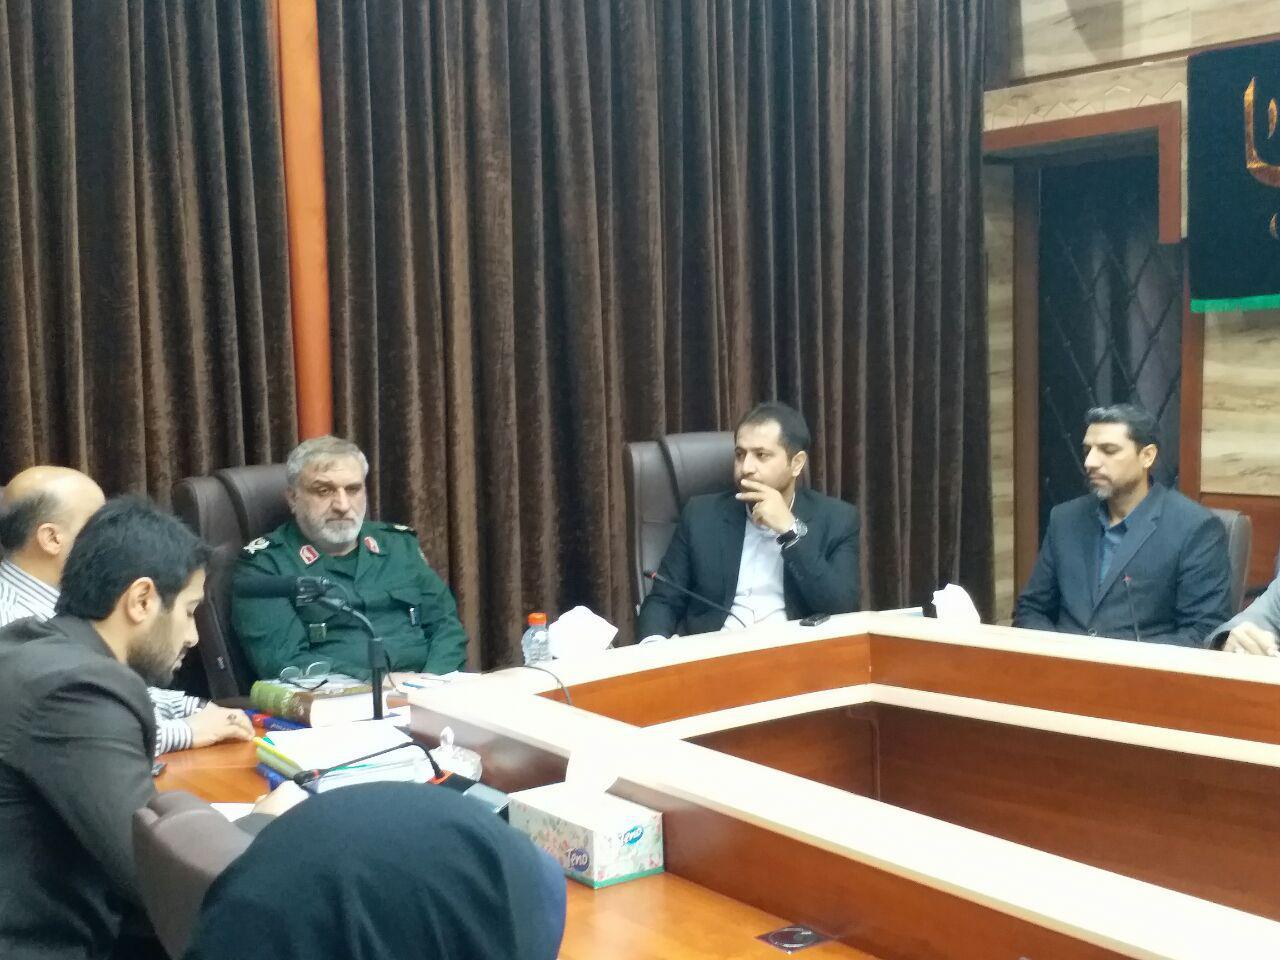 جلسه هم اندیشی اداره کل کتابخانه های عمومی با اداره کل حفظ آثار و نشر ارزش های دفاع مقدس خوزستان